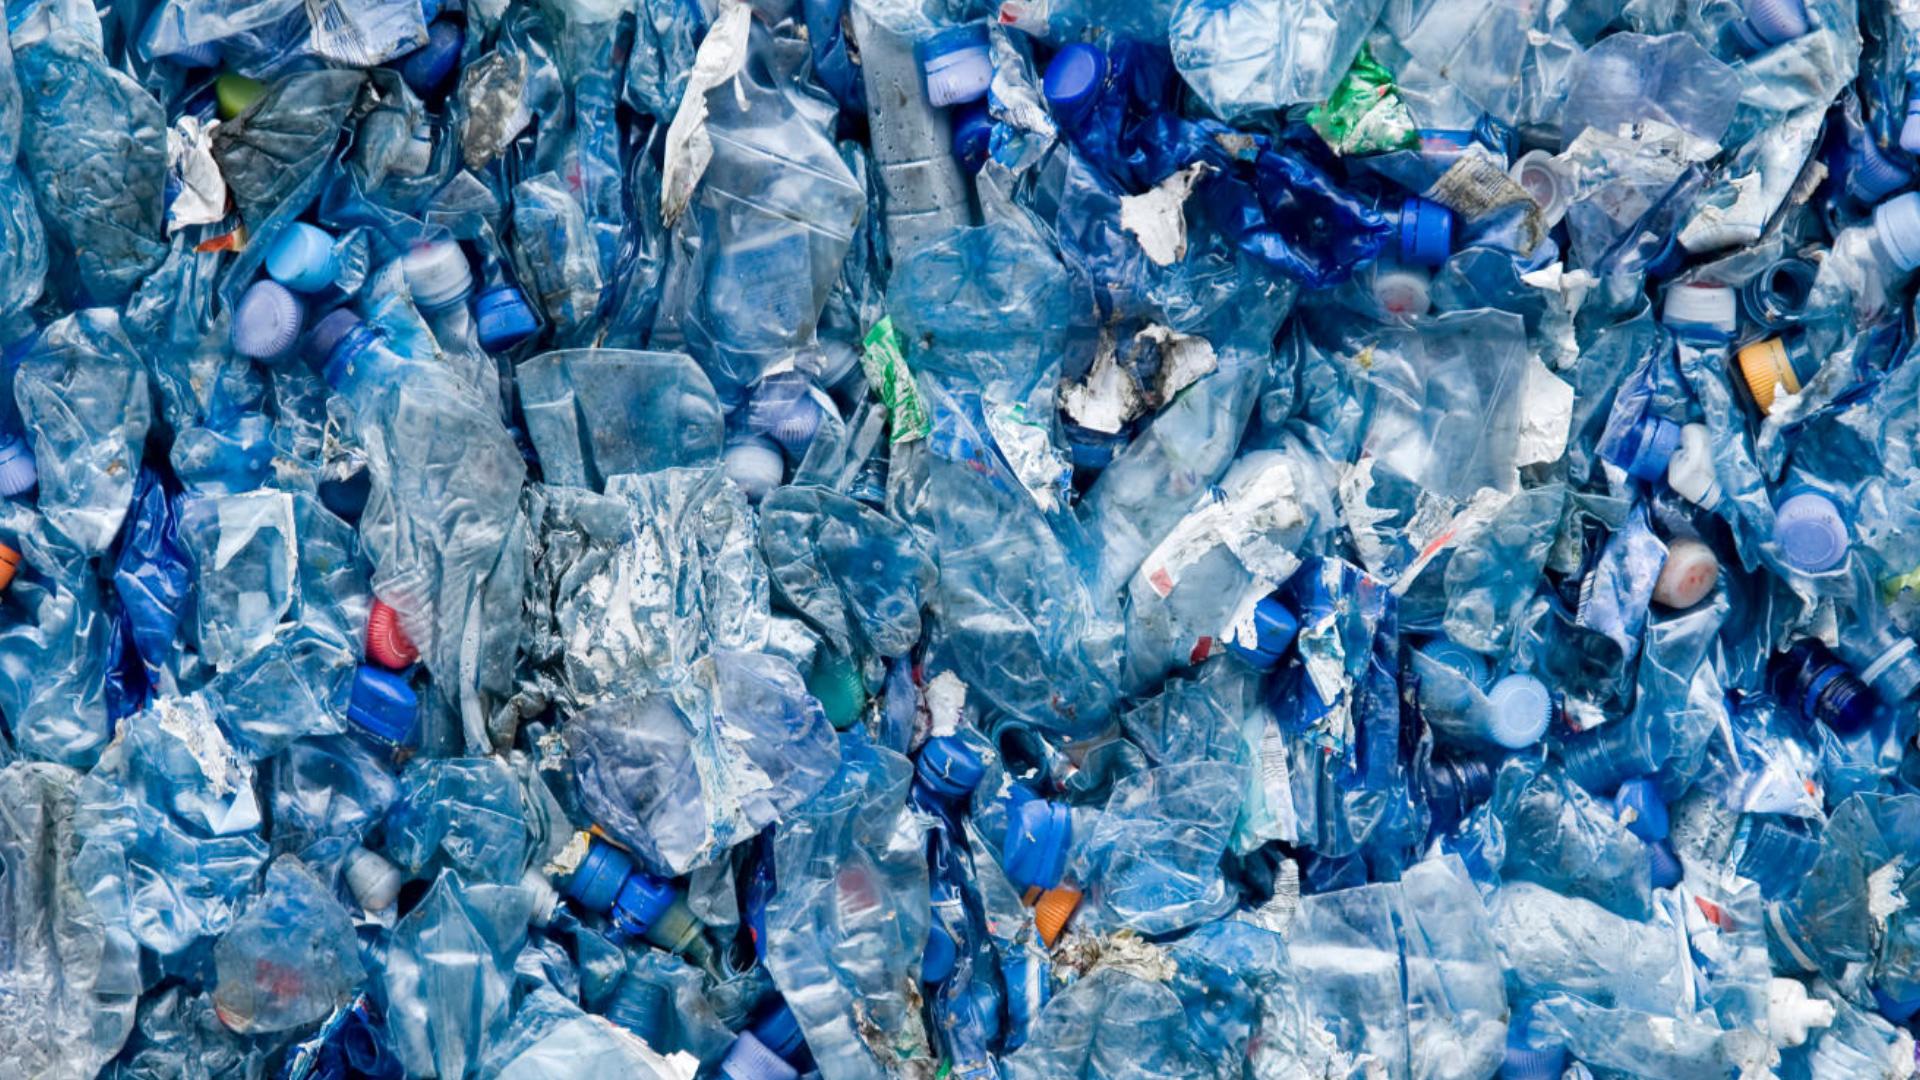 Meno plastica, ma solo dal 2030